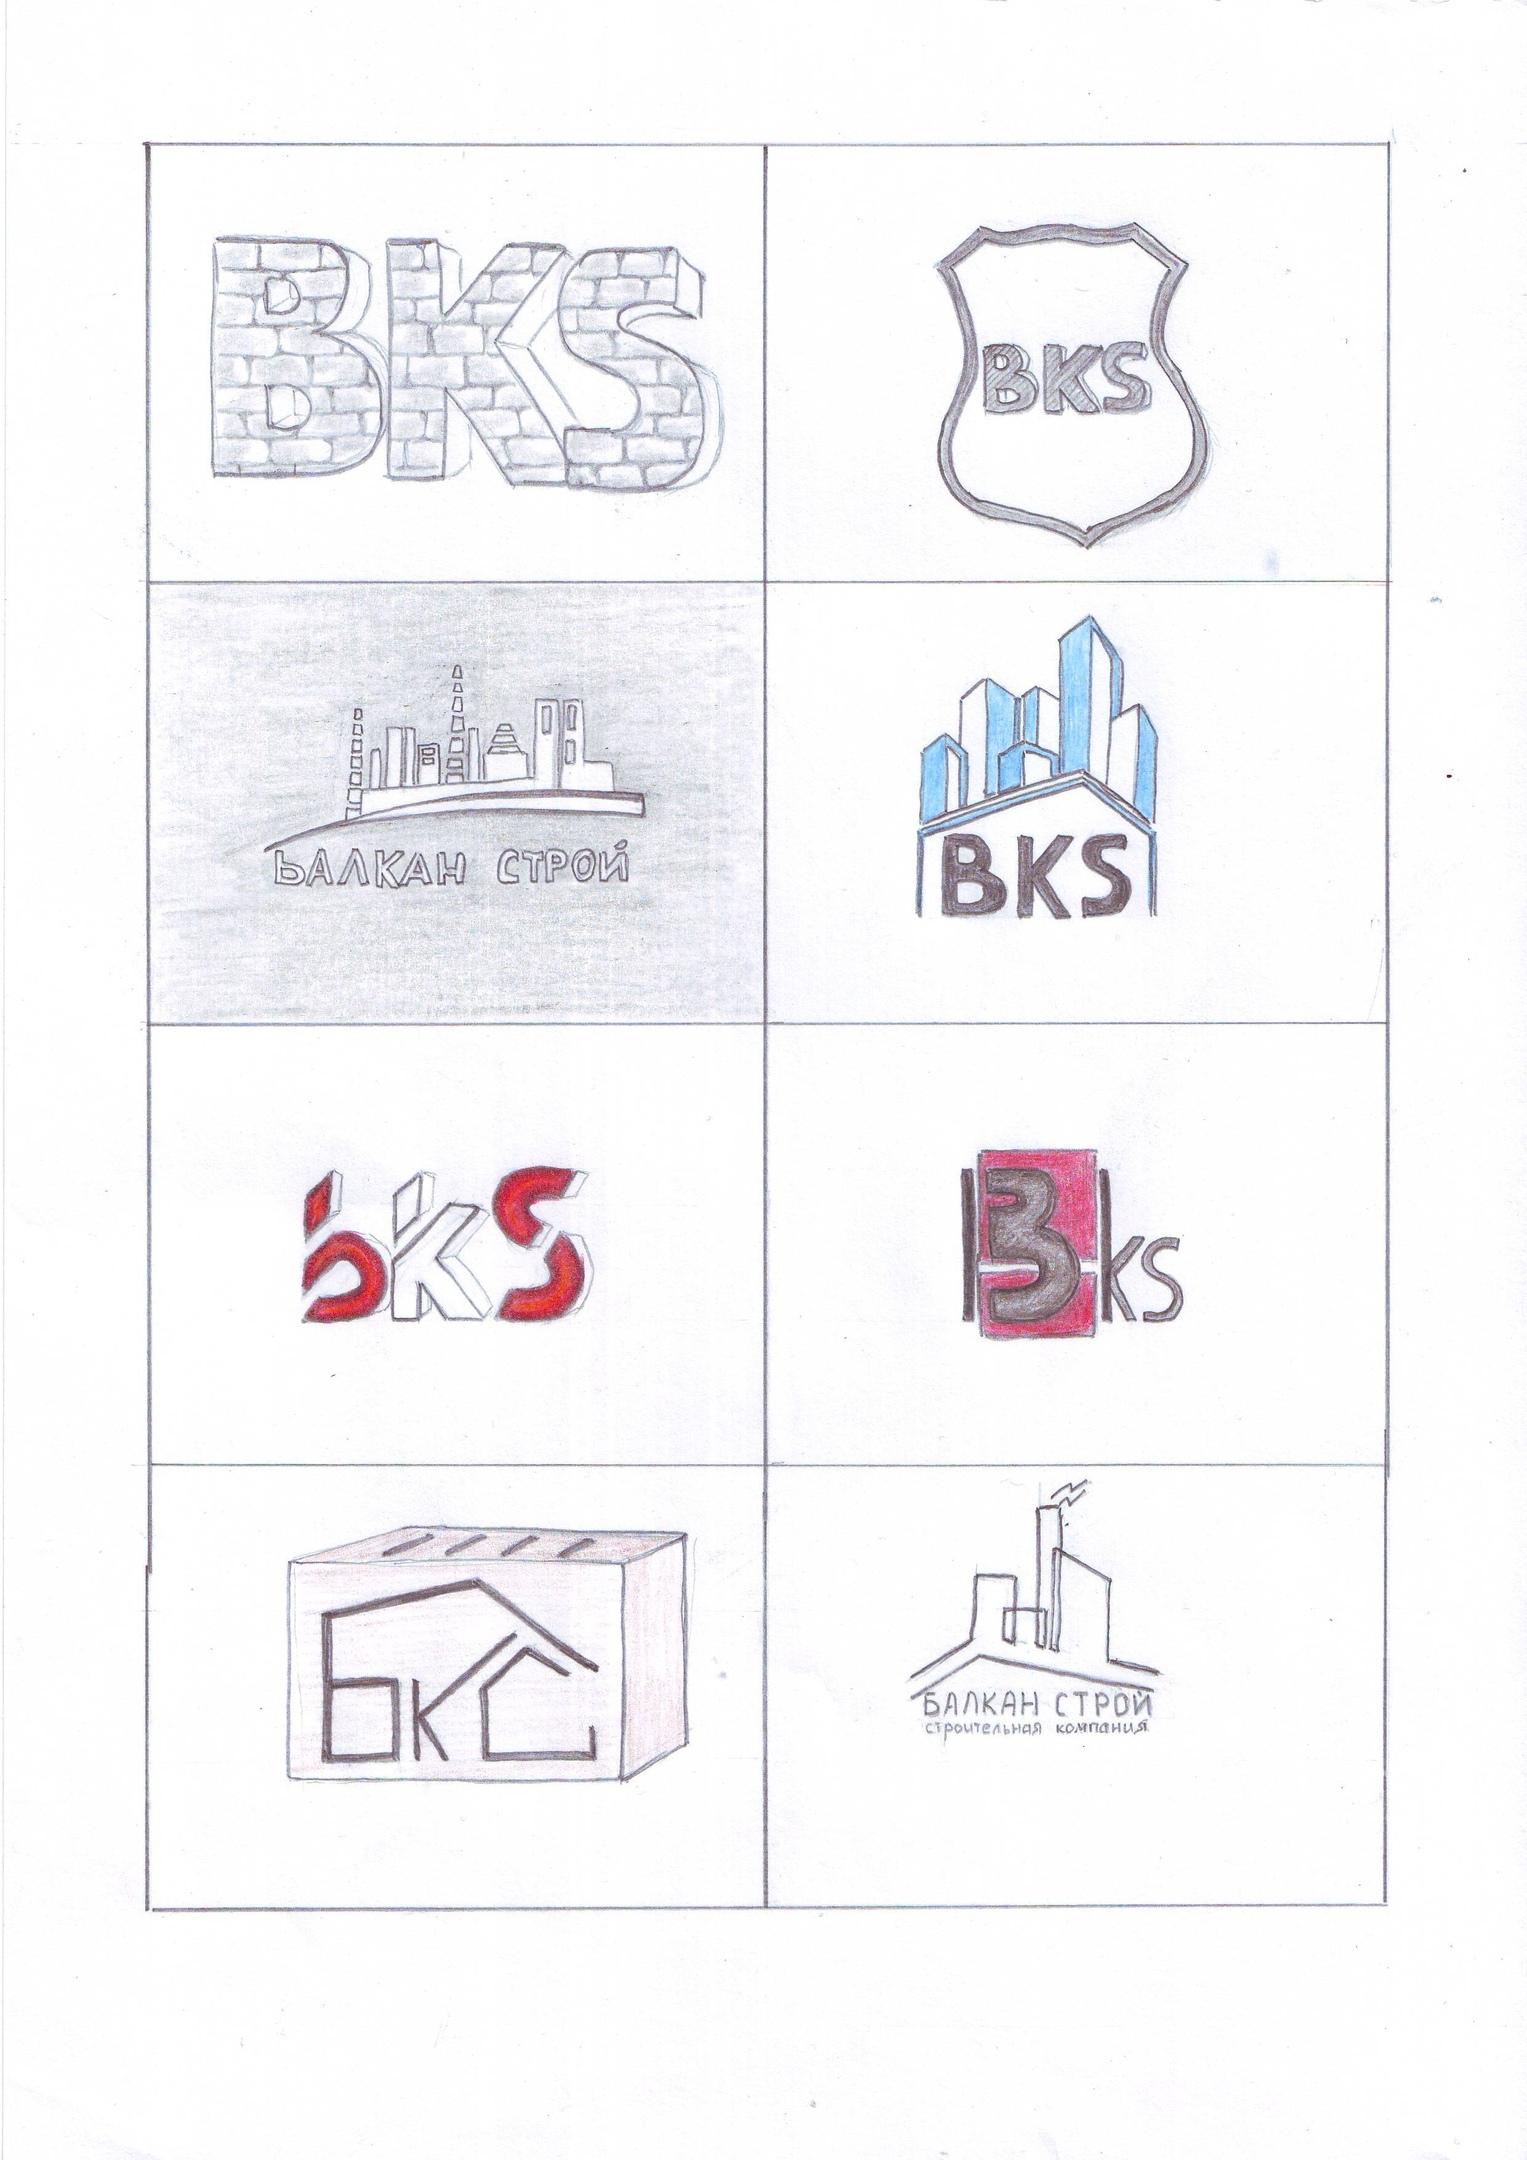 Эскизы логотипа ООО Балкан Строй